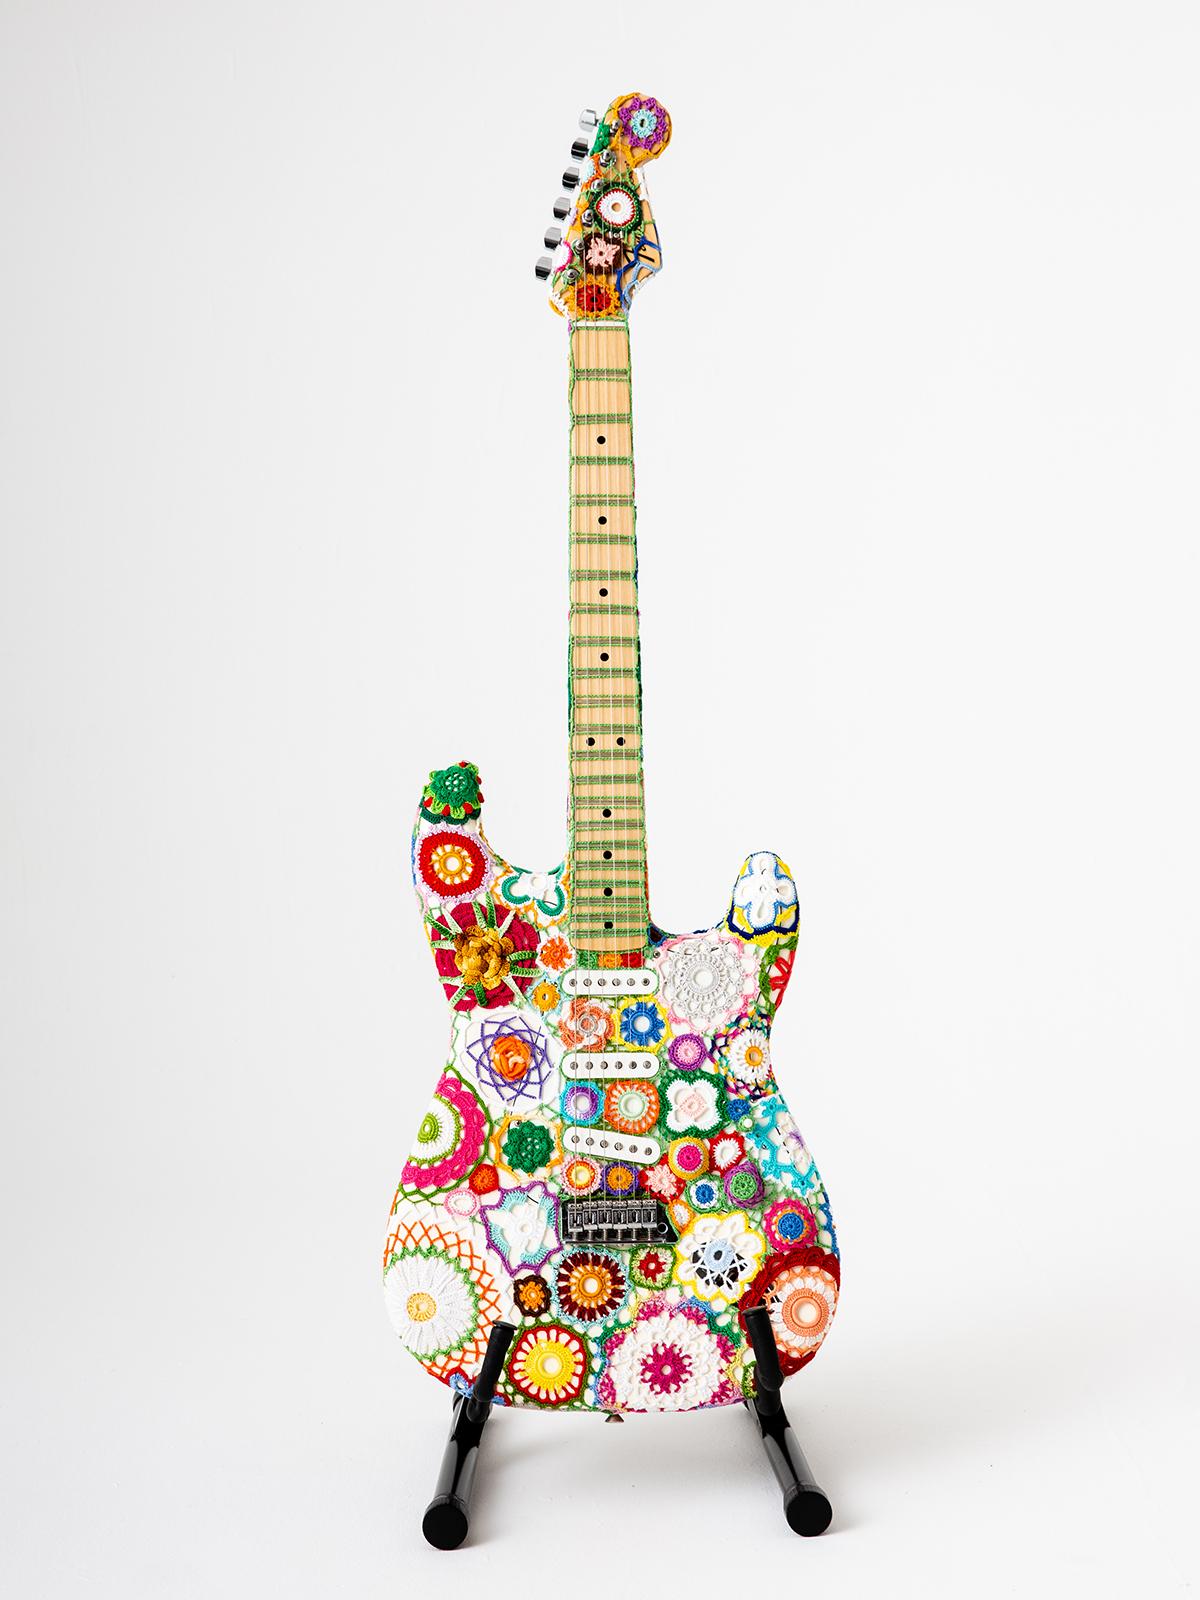 Meet 'Flower Power' ... A Fender Stratocaster Covered In Crochet By The Legendary Fiber Artist Joana Vasconcelos